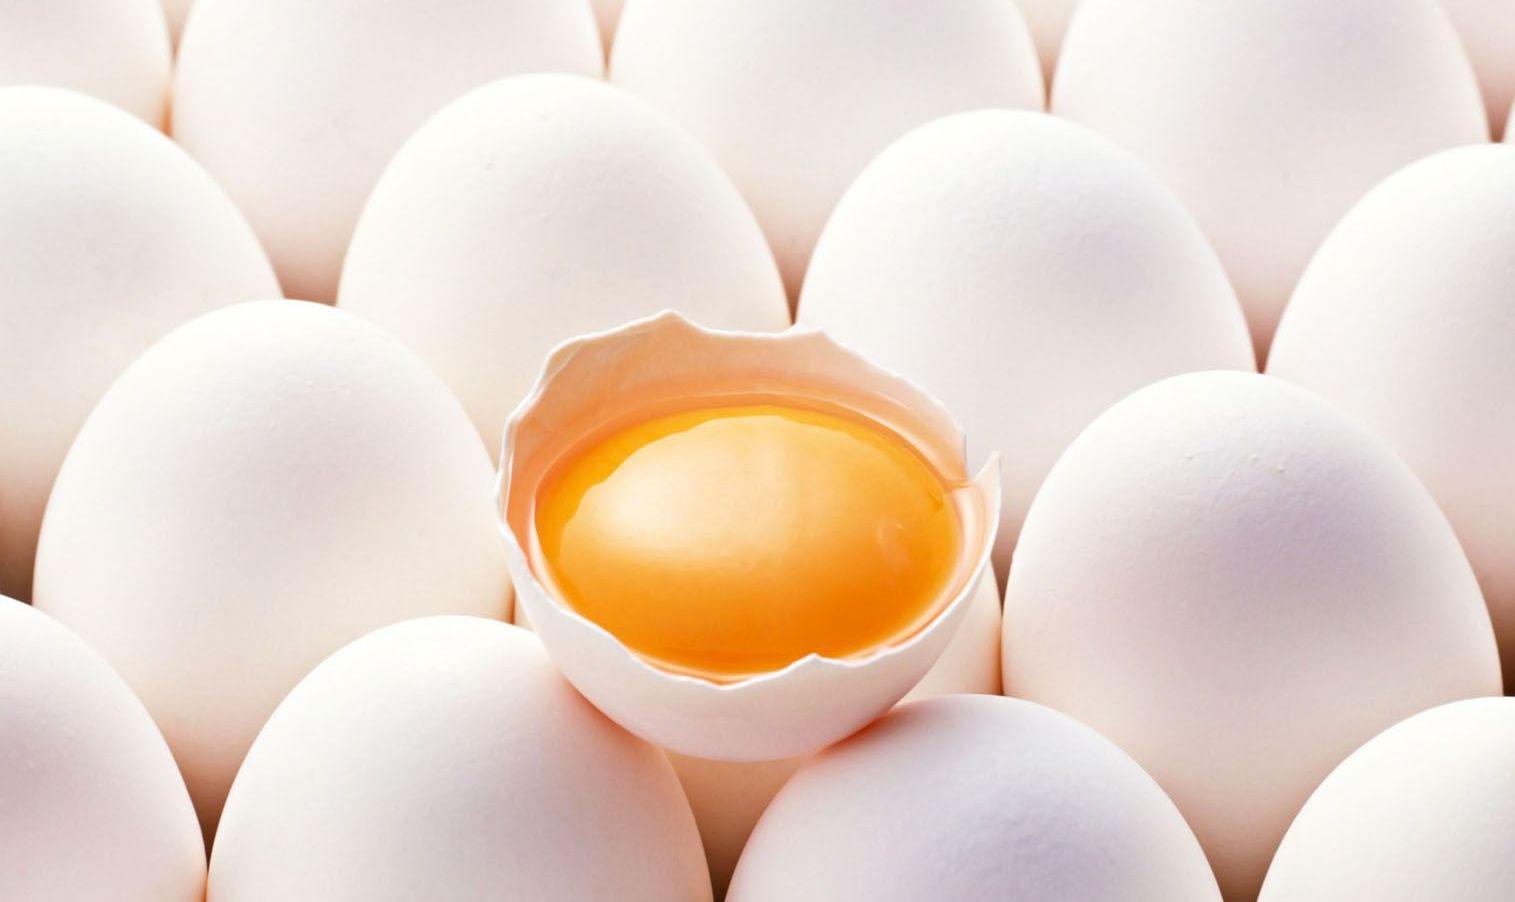 Yumurta zayıflatır mı